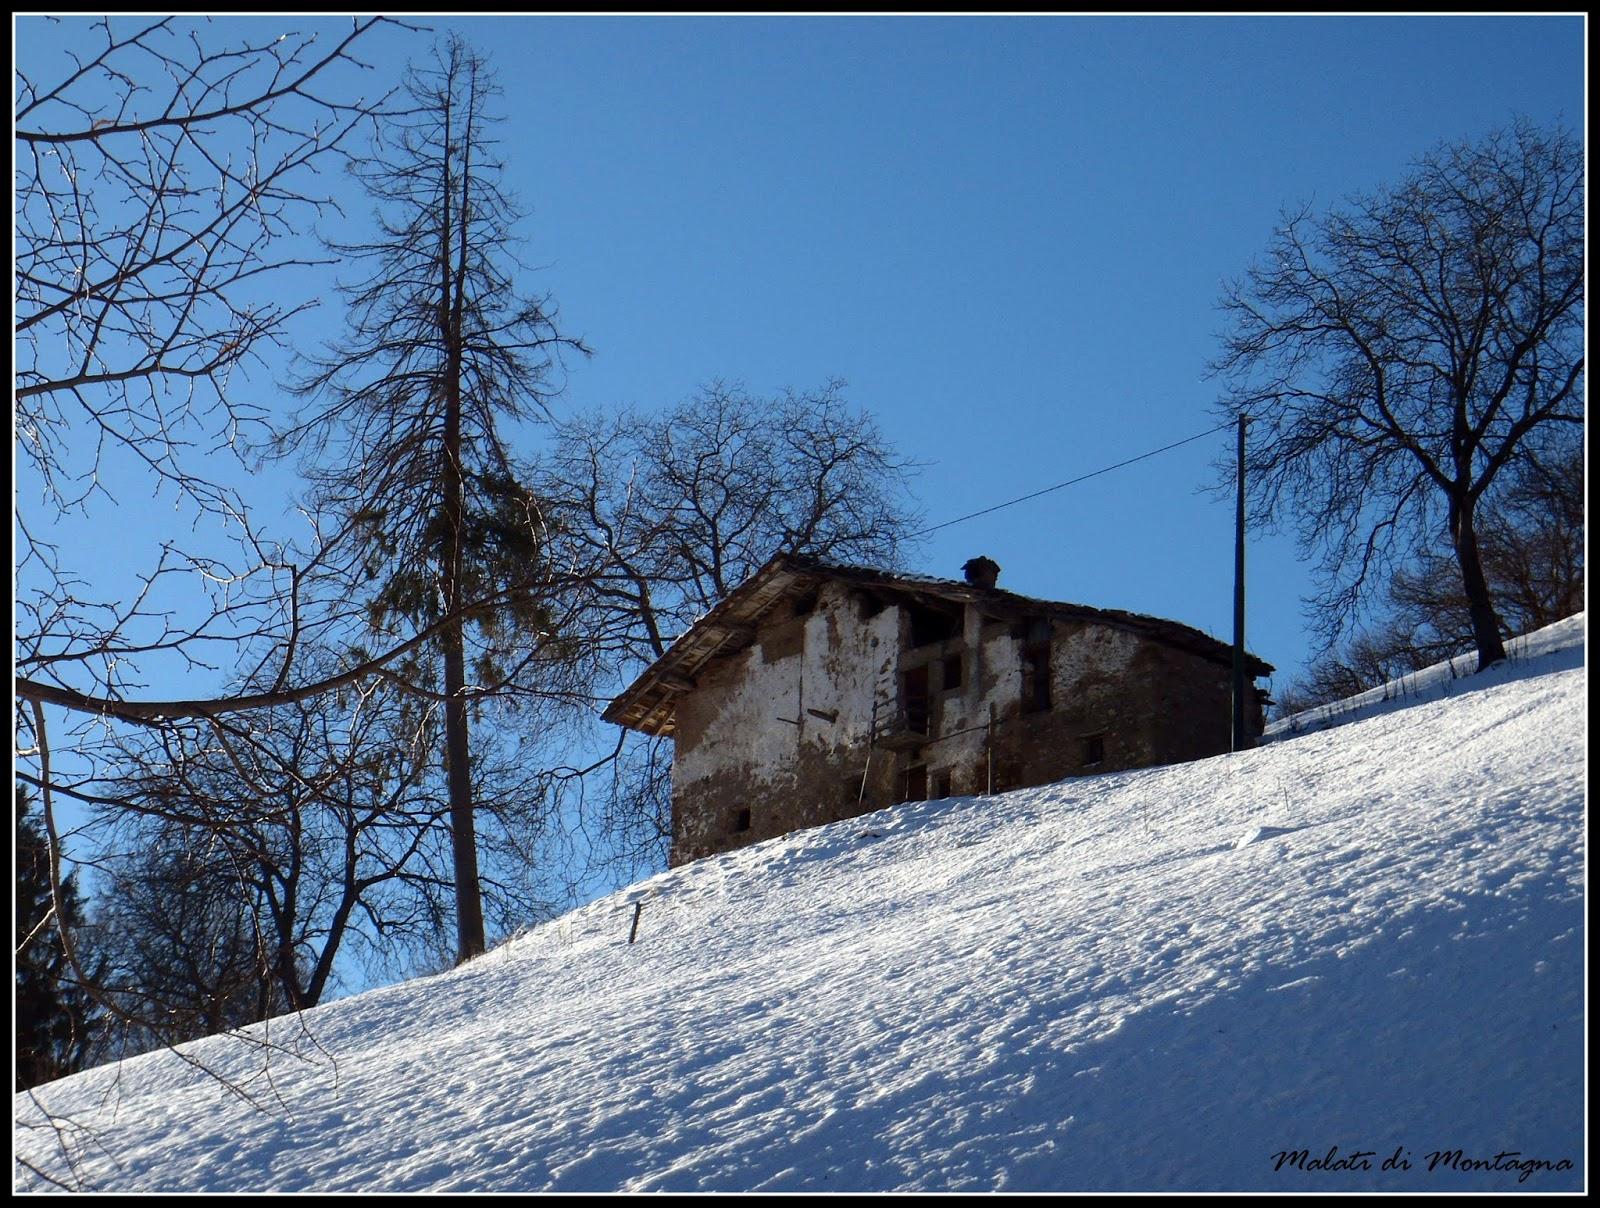 Malati di montagna san calimero in versione invernale for Piani di montagna moderni